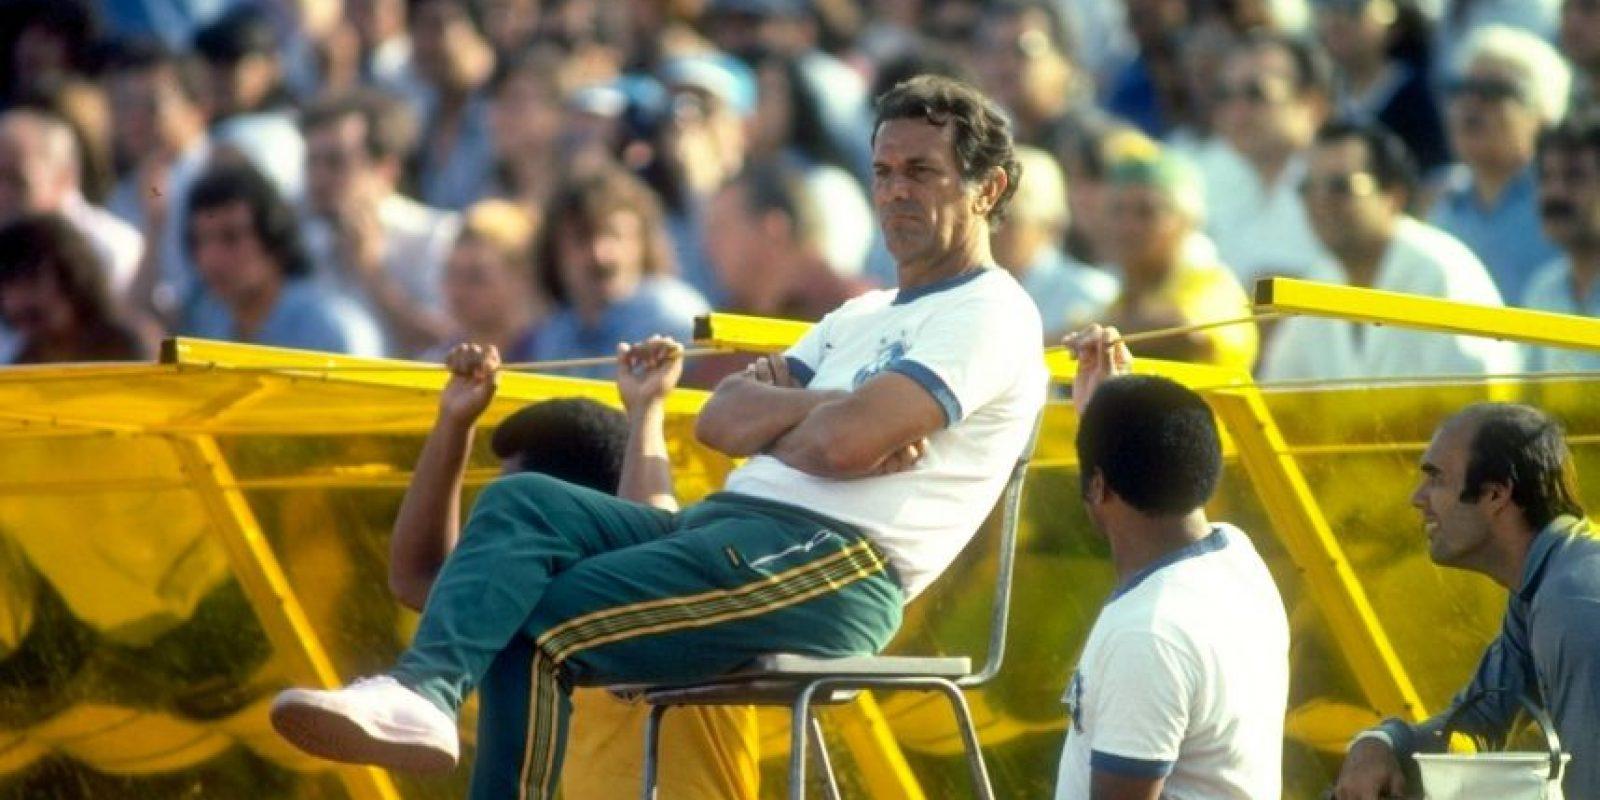 Getty Images Foto:20.-Tele Santana (17 títulos): Dirigió en diversos clubes de Brasil y también en la selección. Sin embargo, fue a nivel de equipos donde obtuvo sus más éxitos y así sumó títulos con Fluminense, Atlético Mineiro, Flamengo y Sao Paulo, donde tuvo su mejor rendimiento y ganó, entre otros trofeos, la Copa Libertadores de 1992 y 1993.